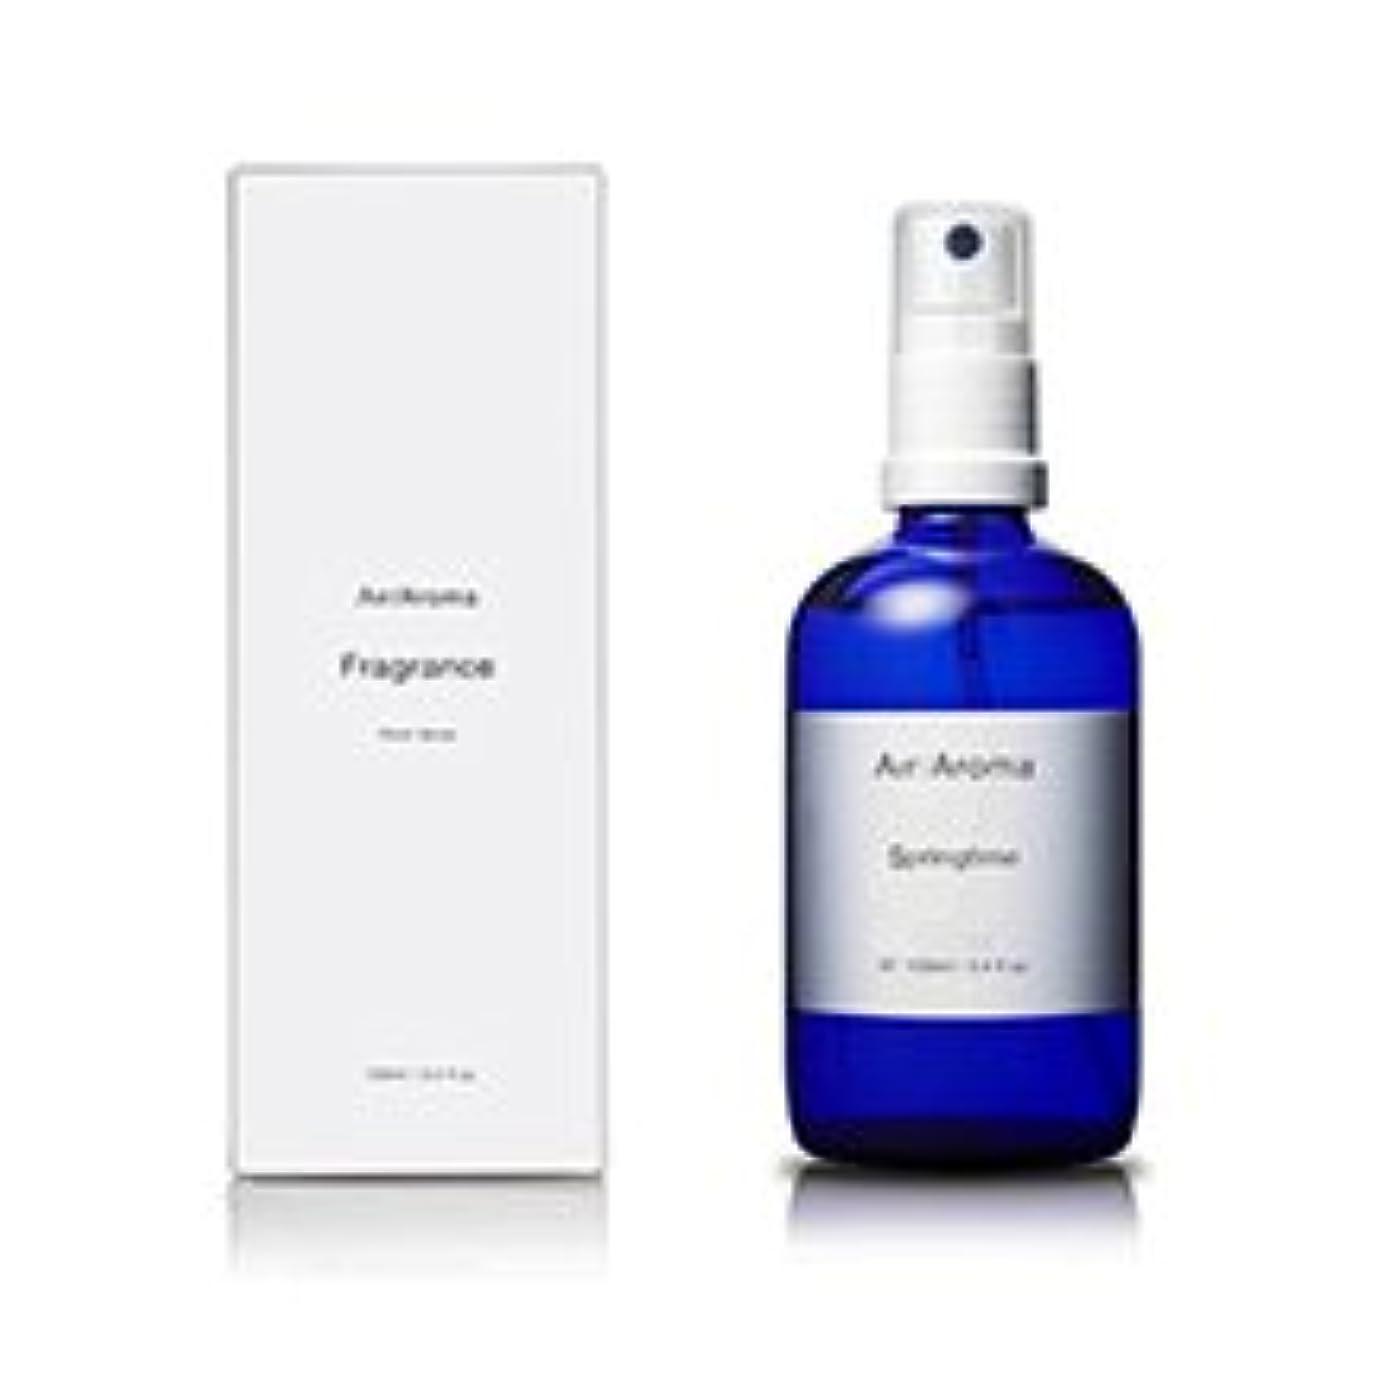 永続同情隙間エアアロマ springtime room fragrance(スプリングタイム ルームフレグランス)100ml